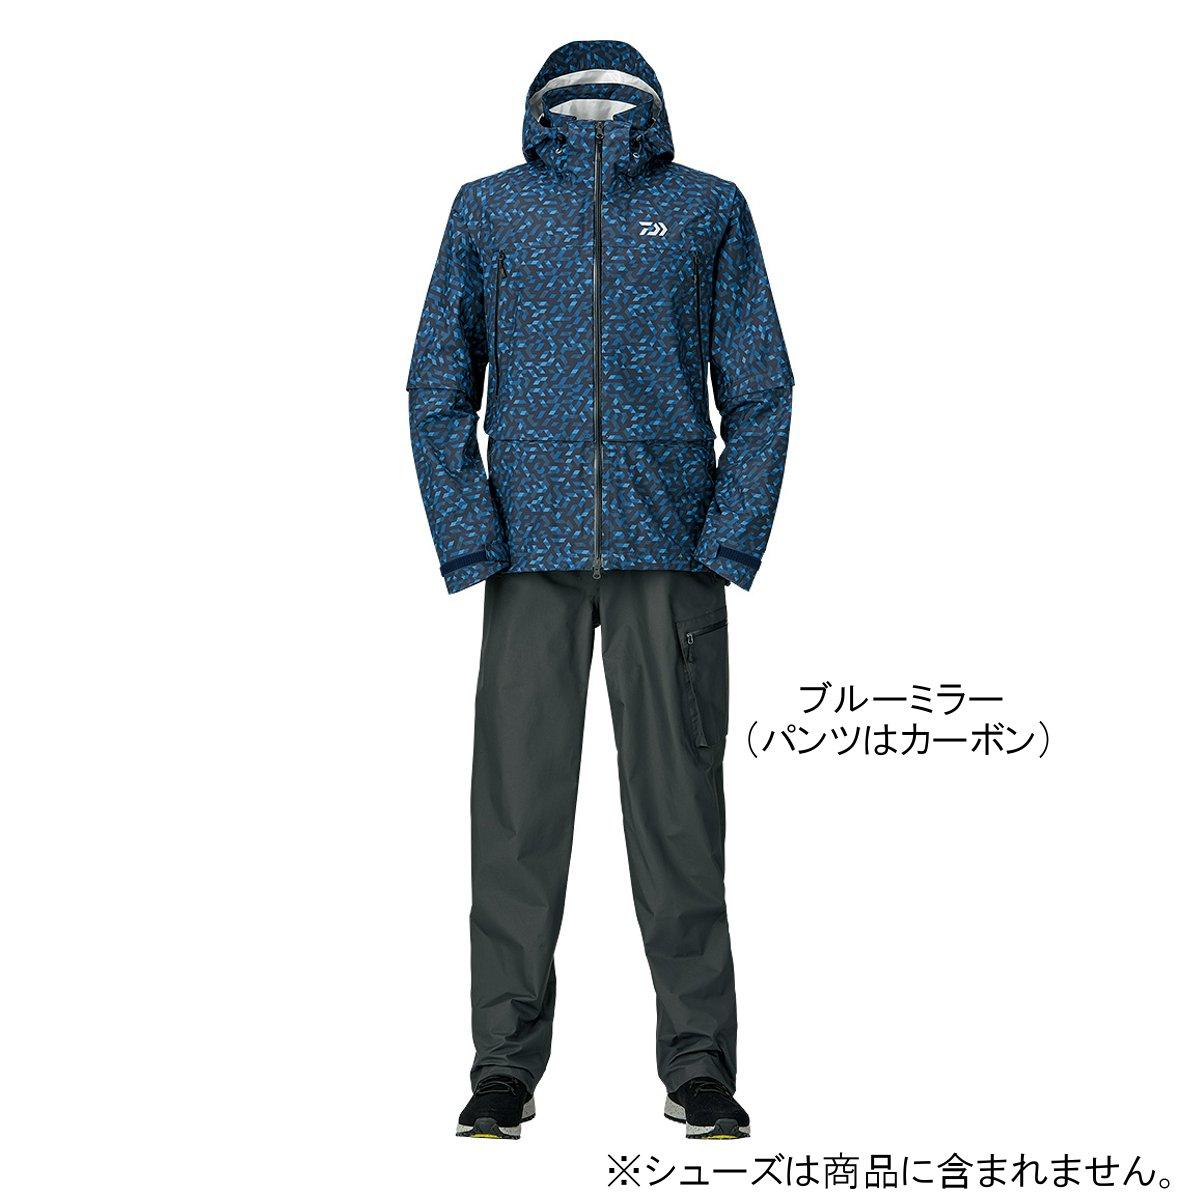 ダイワ レインマックス デタッチャブルレインスーツ DR-30009 2XL ブルーミラー(東日本店)